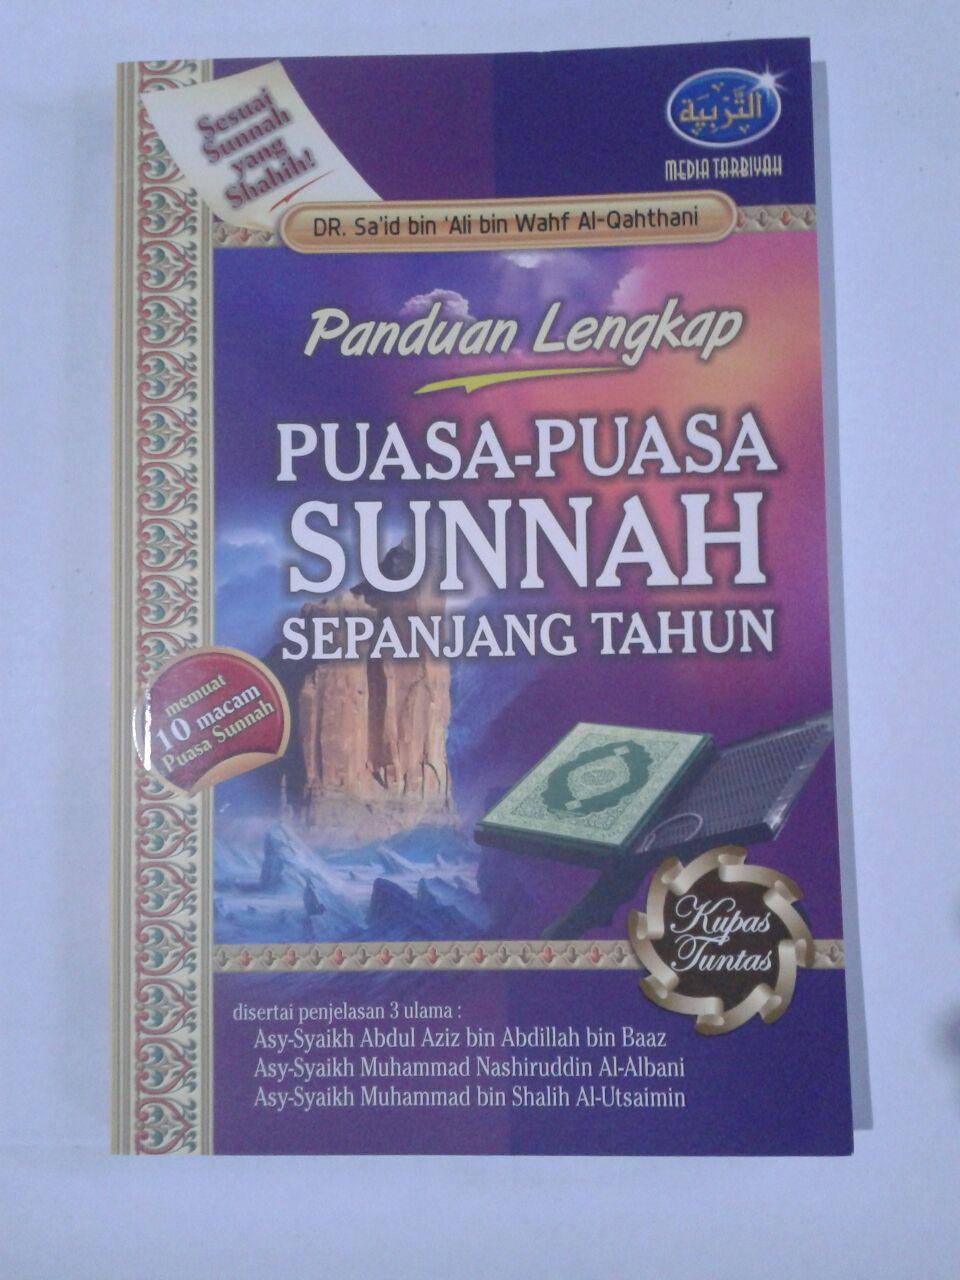 Buku Panduan Lengkap Puasa-Puasa Sunnah Sepanjang Tahun cover 2